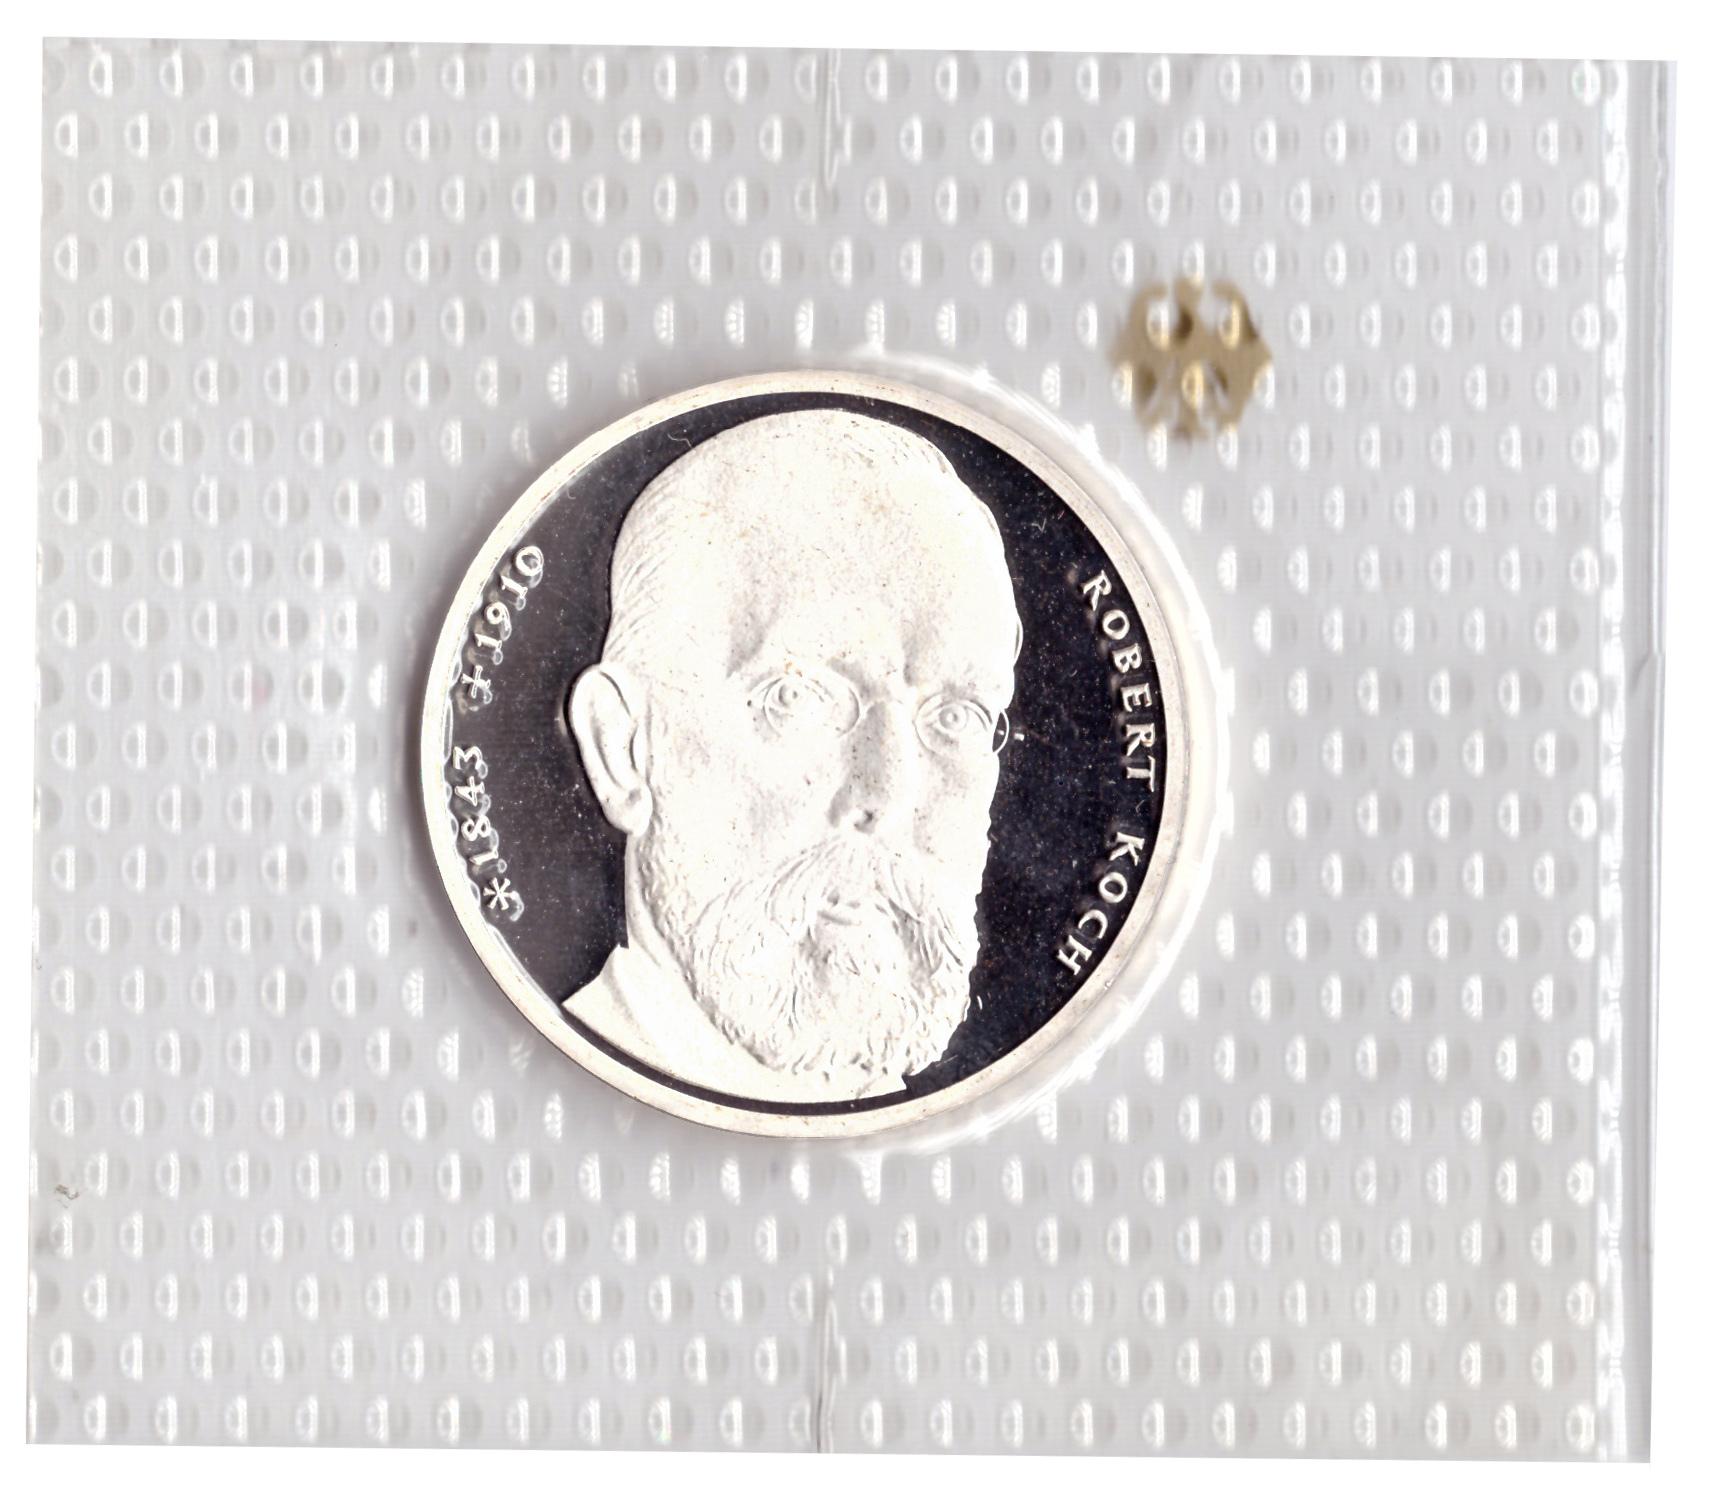 10 марок 1993 год (J) 150 лет со дня рождения Роберта Коха, Германия. PROOF в родной запайке